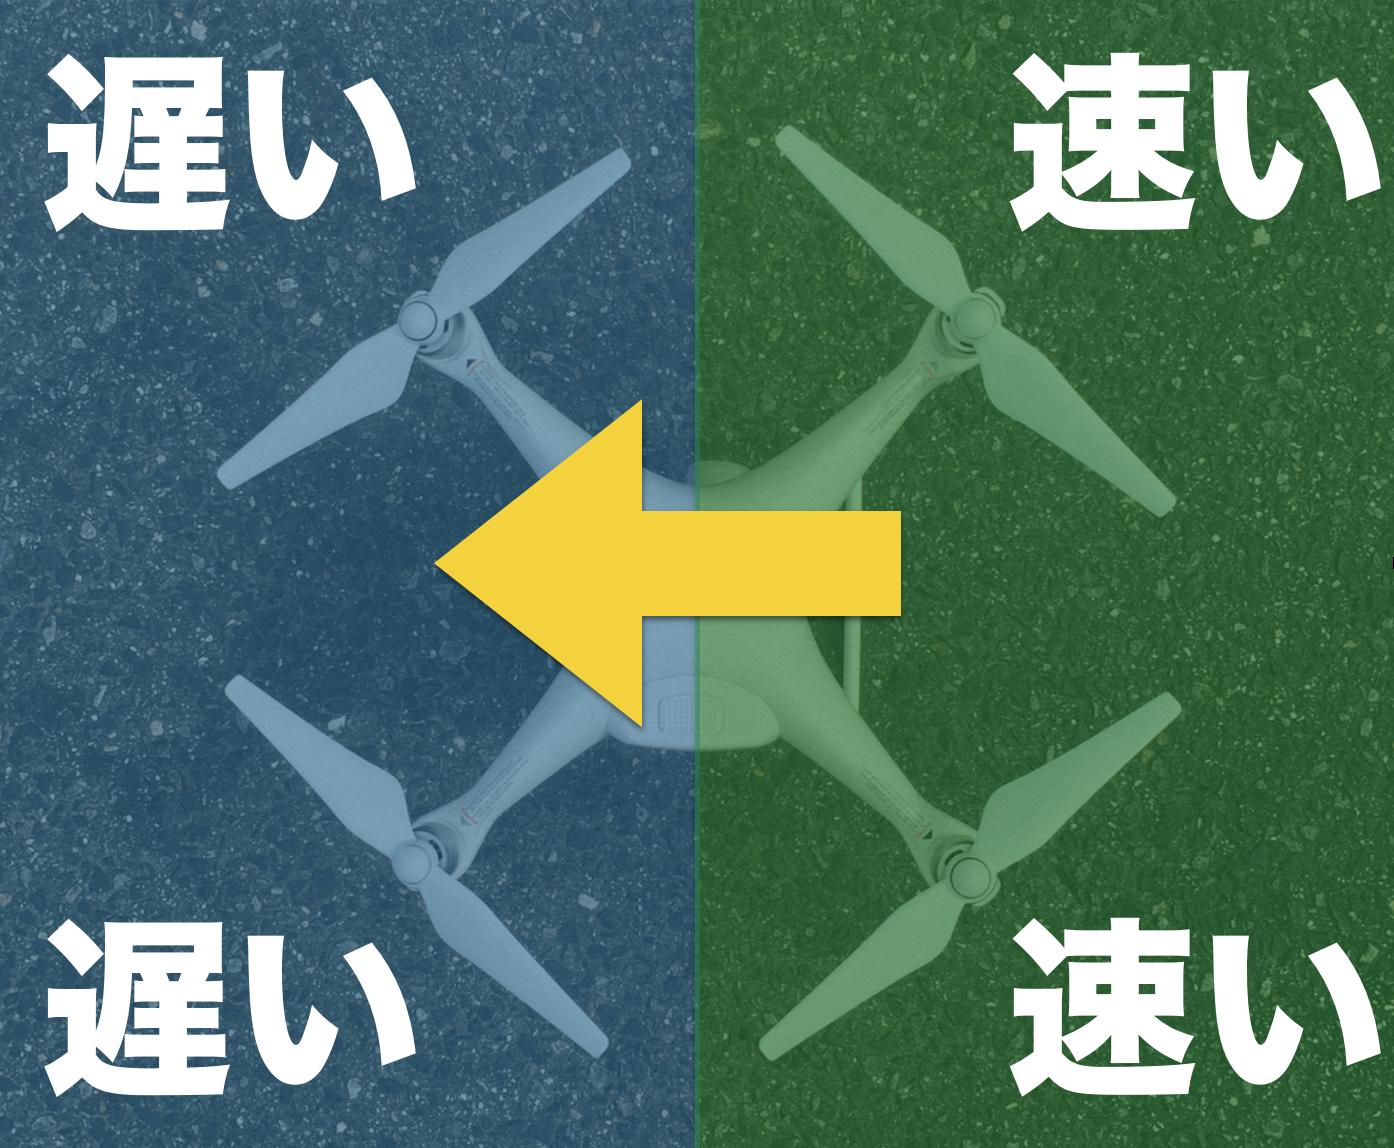 【飛行原理】なぜドローンは自由自在に飛行することができるのか?